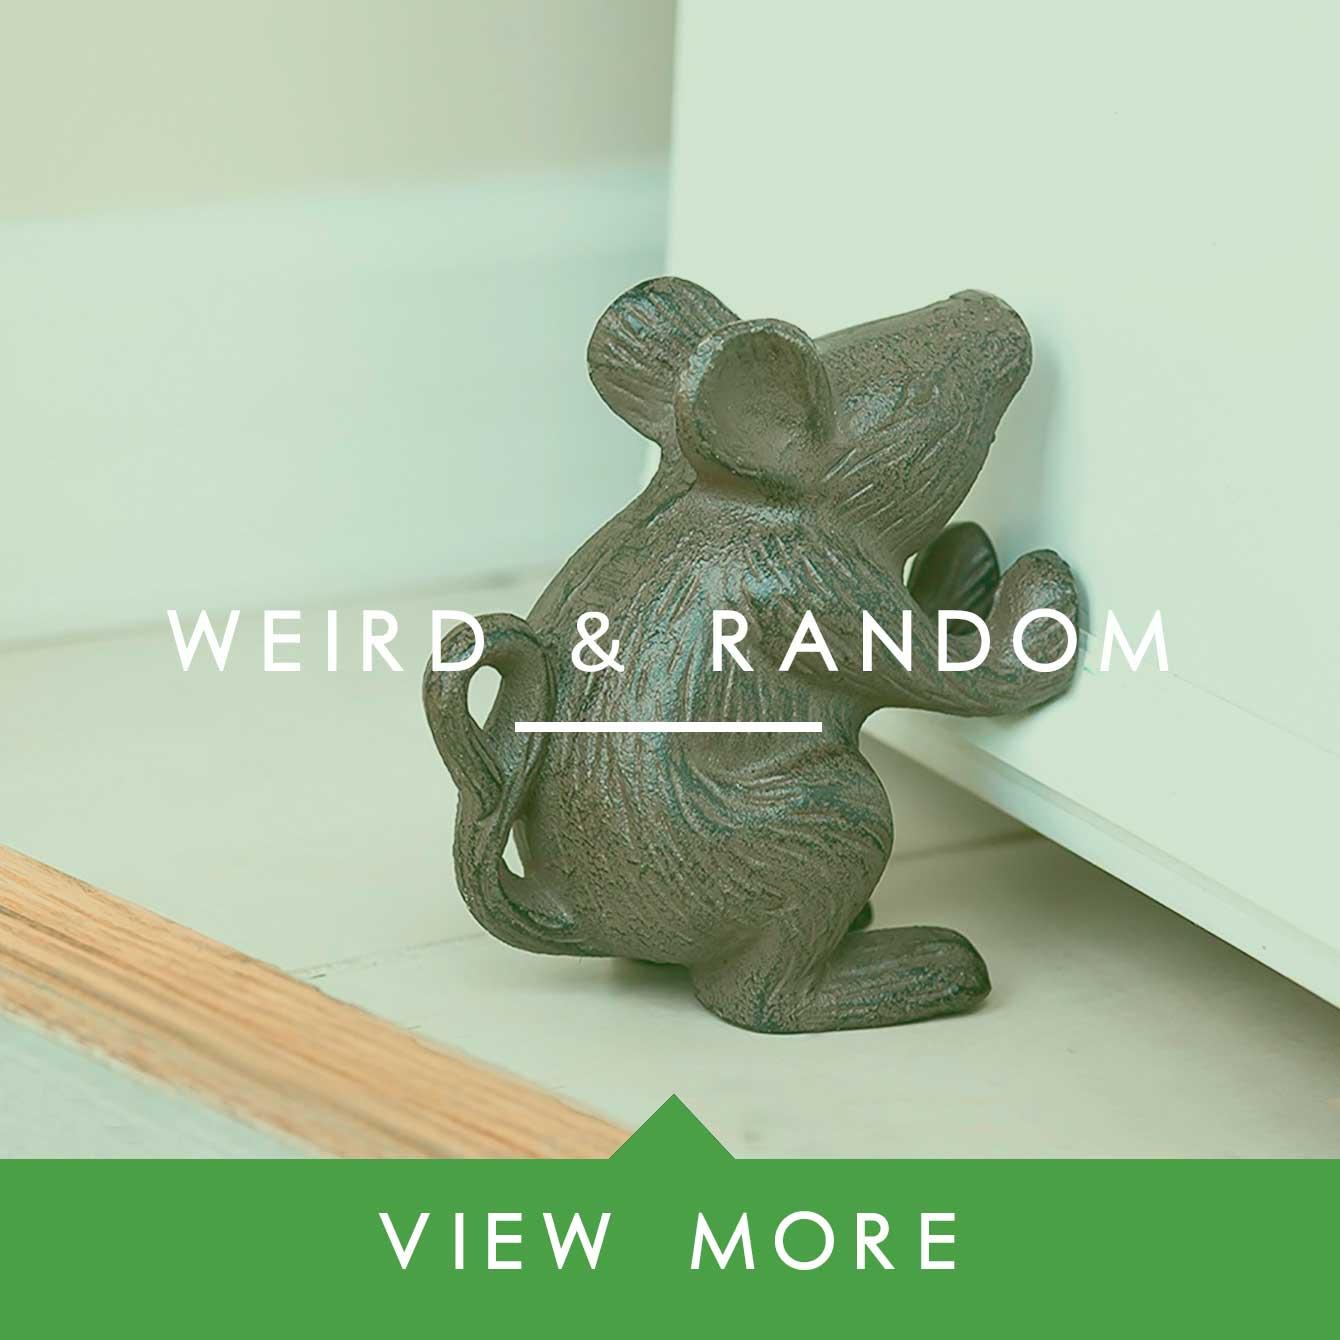 Weird & Random